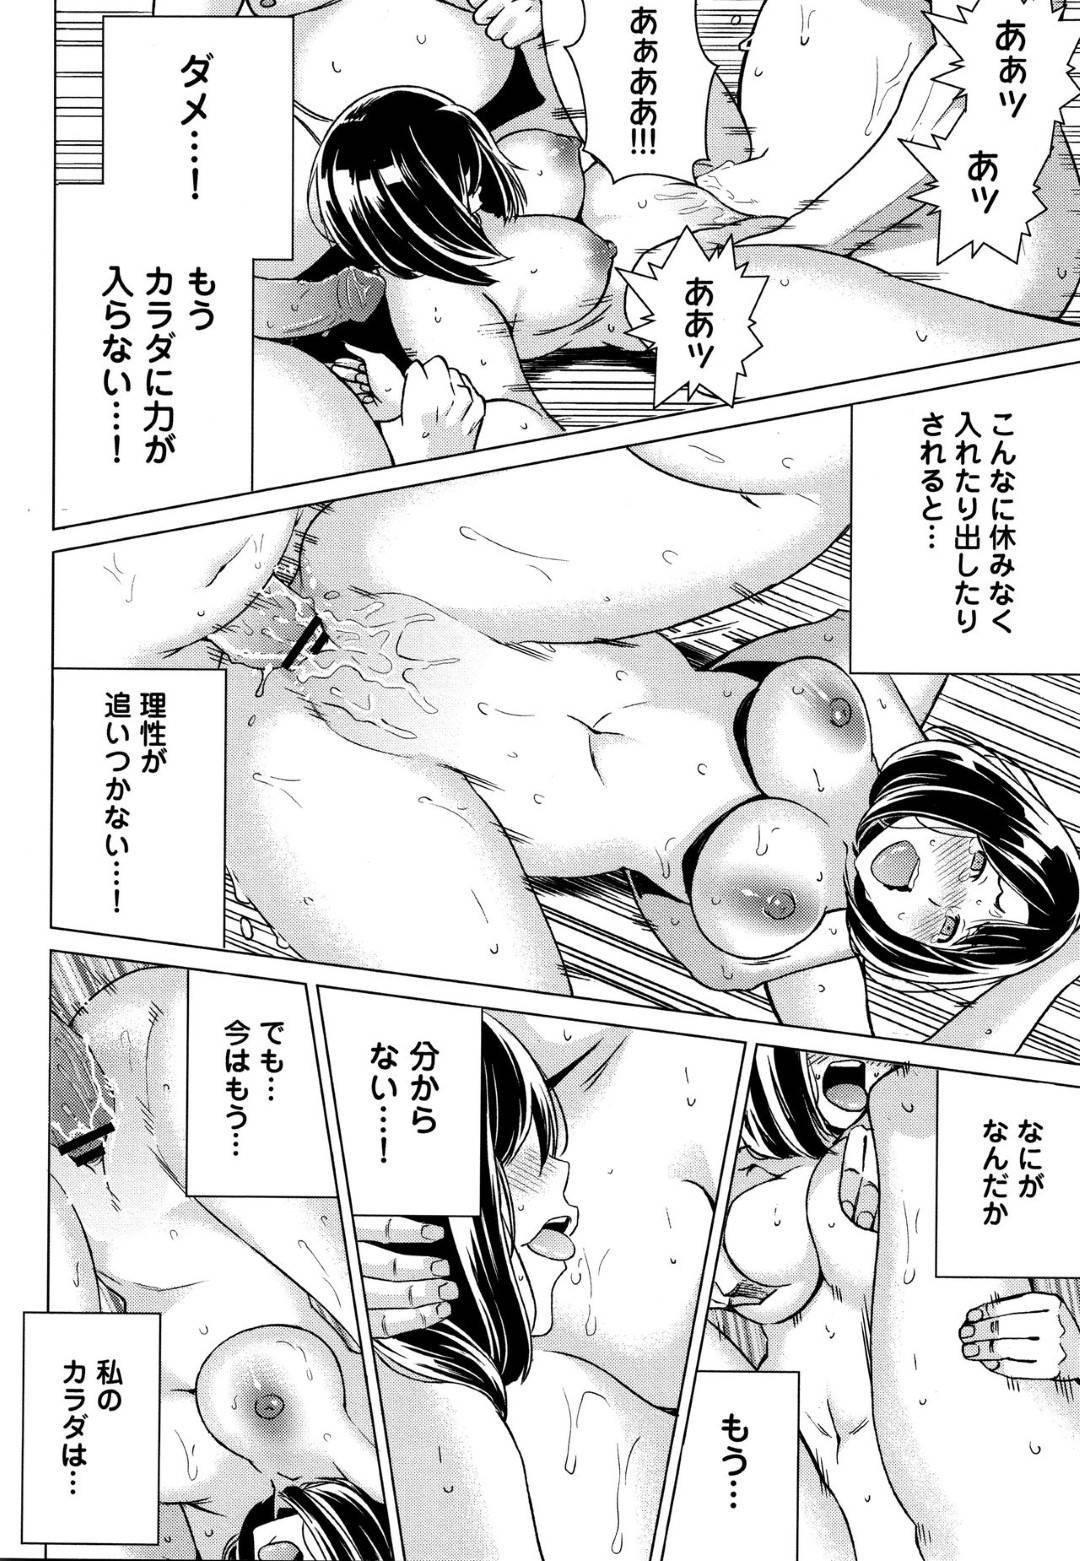 【エロ漫画】キモ男とのセックスのことが脳裏から離れなくなってしまった巨乳若妻…嫌なはずなのに彼女はキモ男の主催するツアーに参加してしまい、男たちと乱交セックスする事になってイキまくる。【IRIE:イビツヘンアイ 第二話】